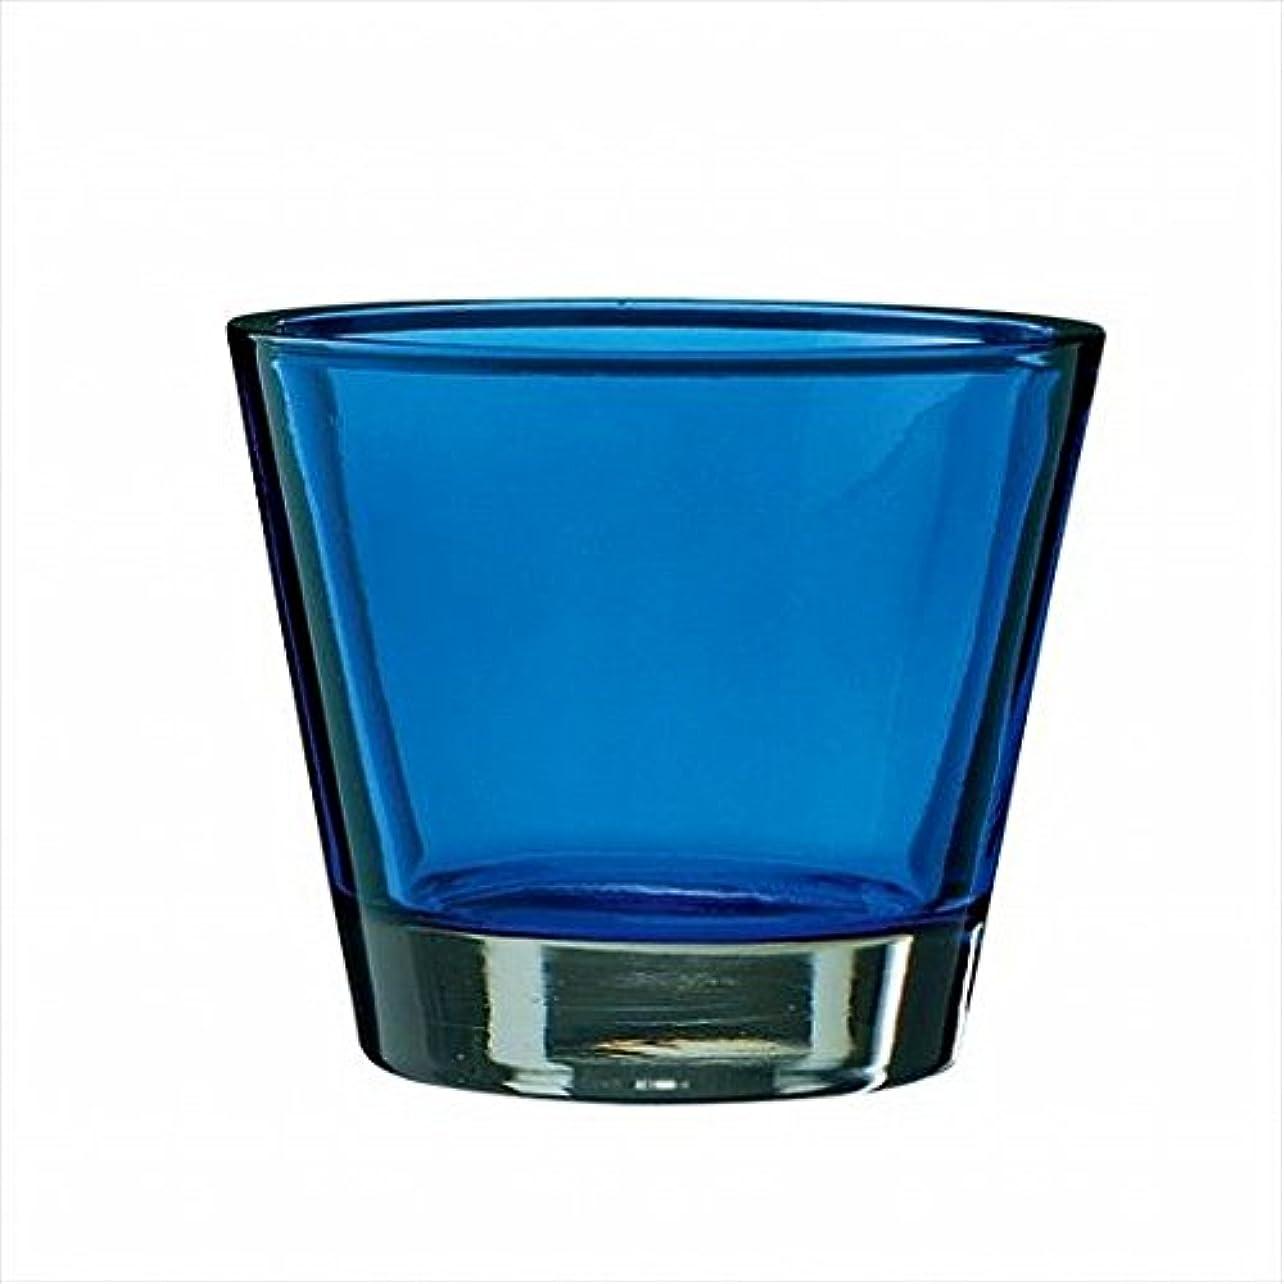 土器拷問社会主義kameyama candle(カメヤマキャンドル) カラリス 「 ブルー 」 キャンドル 82x82x70mm (J2540000B)